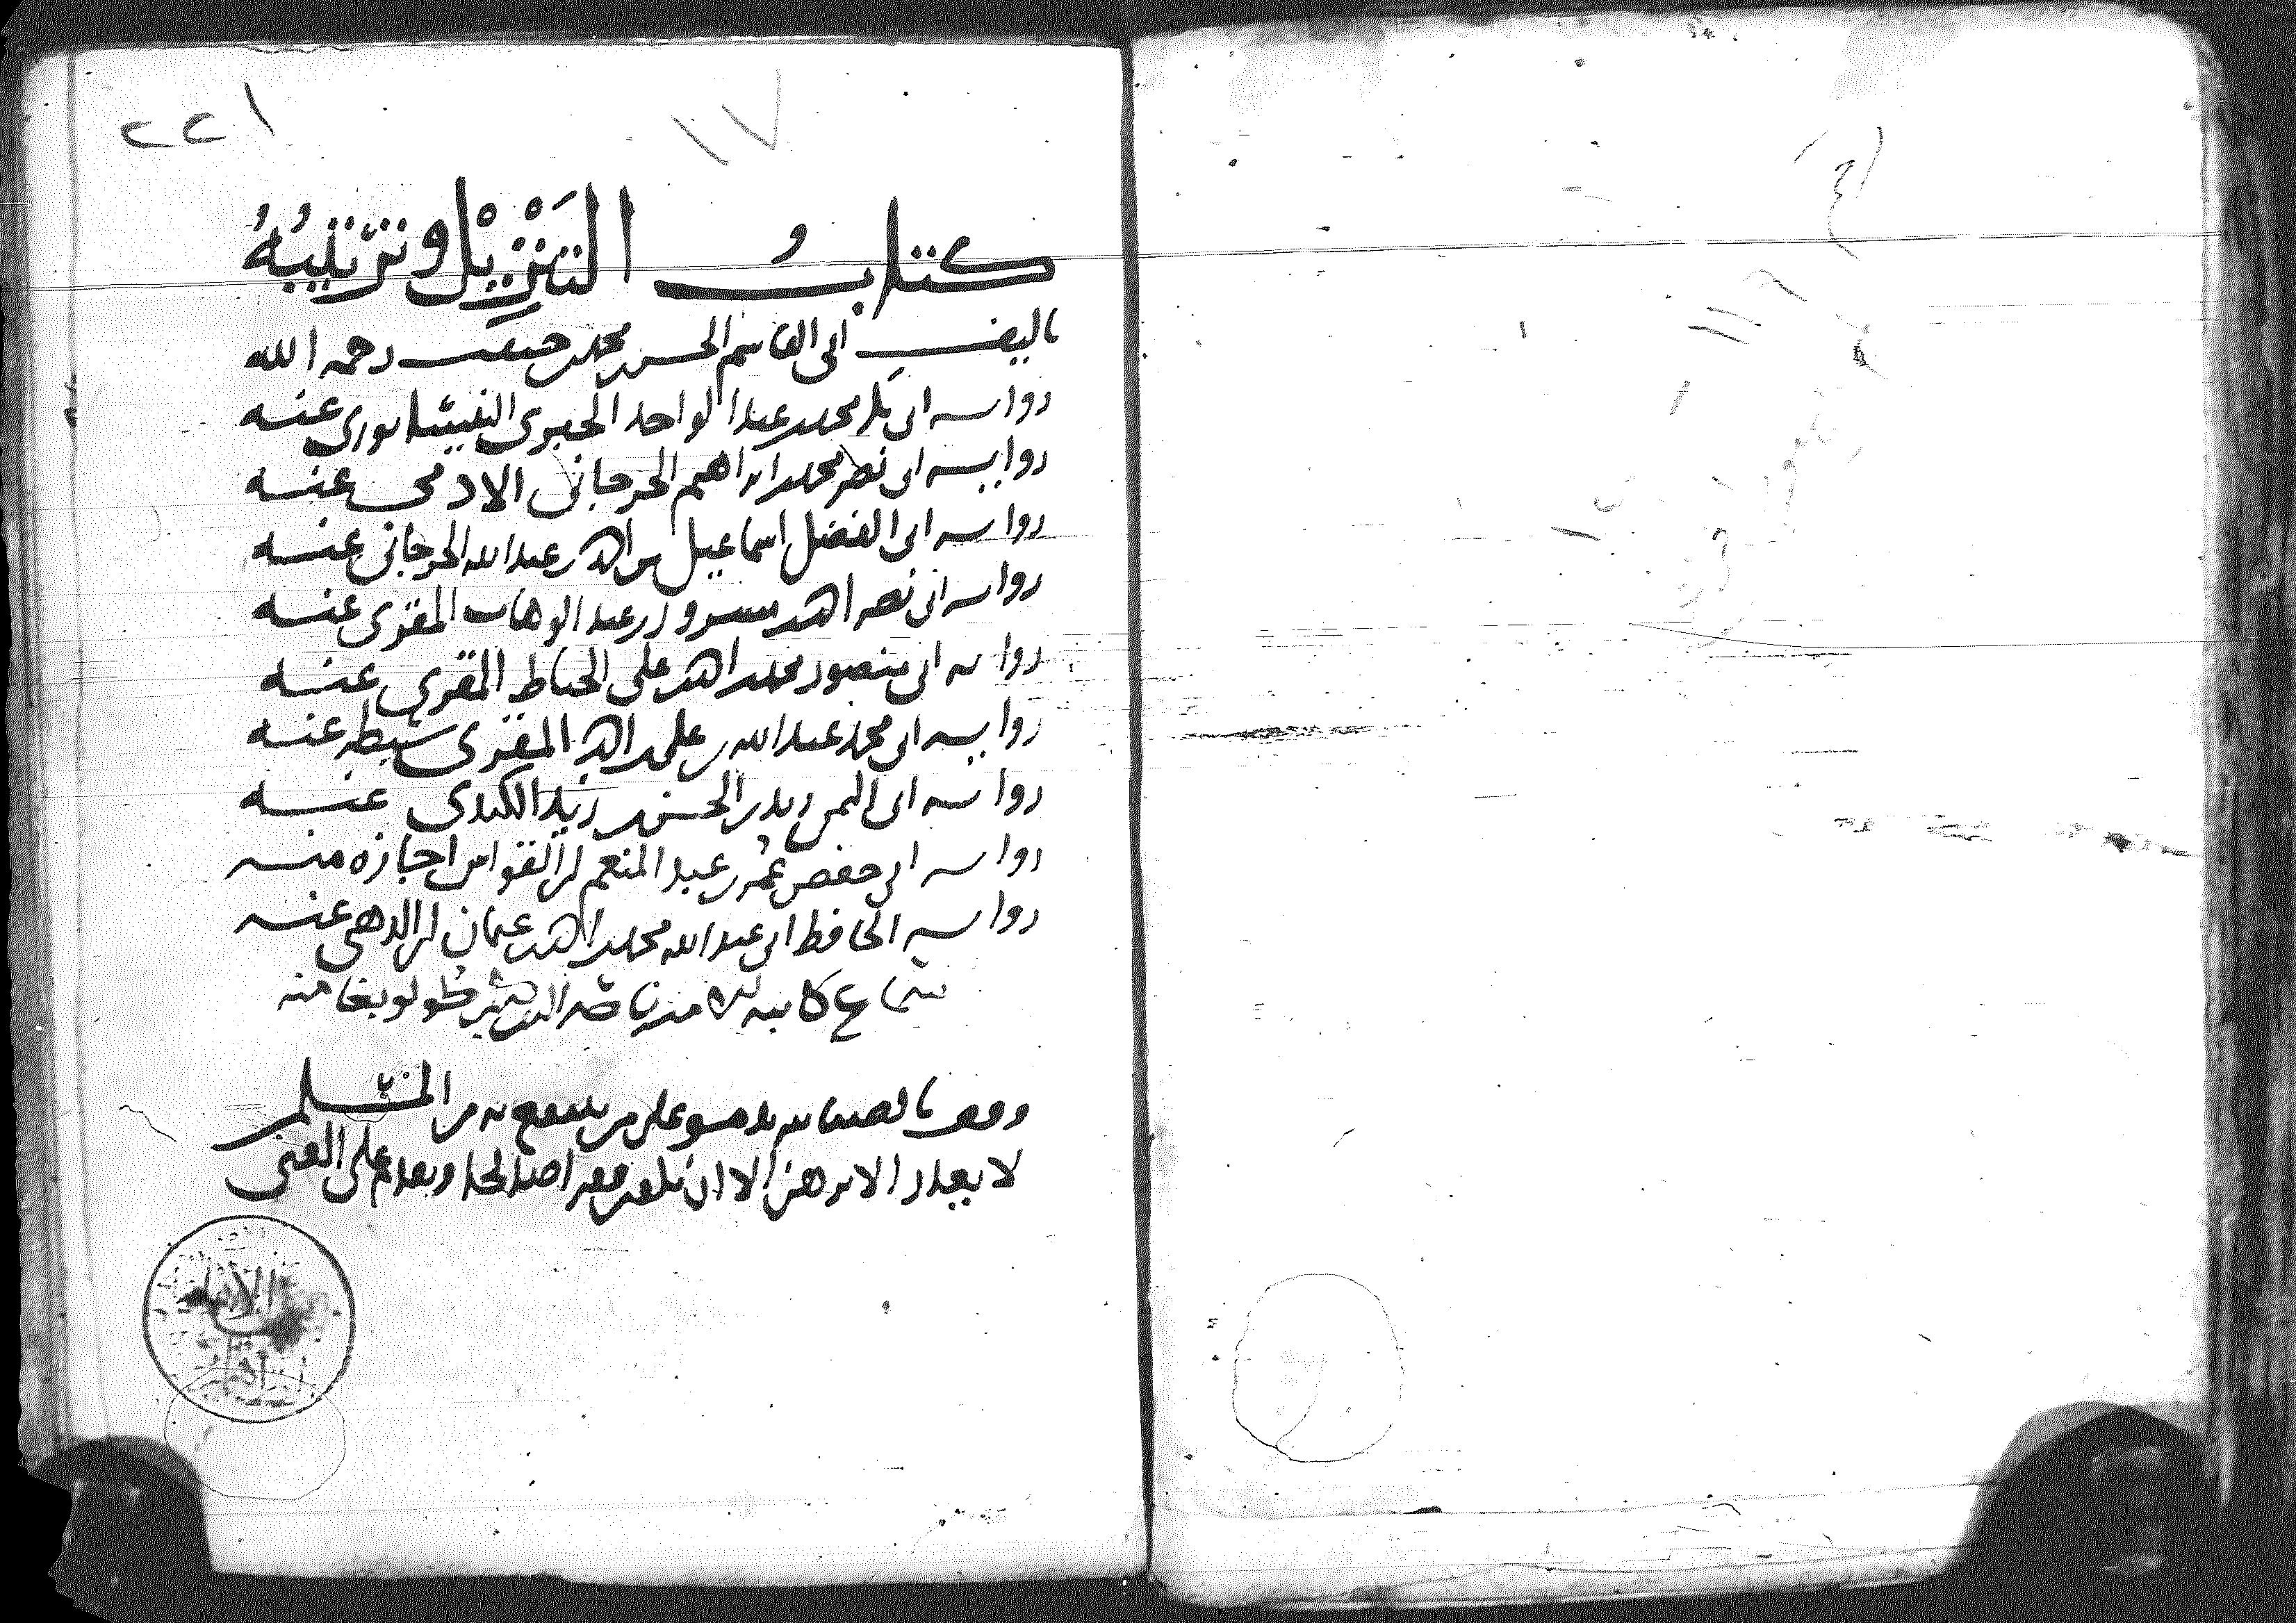 تحميل كتاب التنزيل وترتيبه لـِ: الإمام أبو القاسم الحسن بن محمد بن حبيب بن أيوب النيسابوري (ت 406)